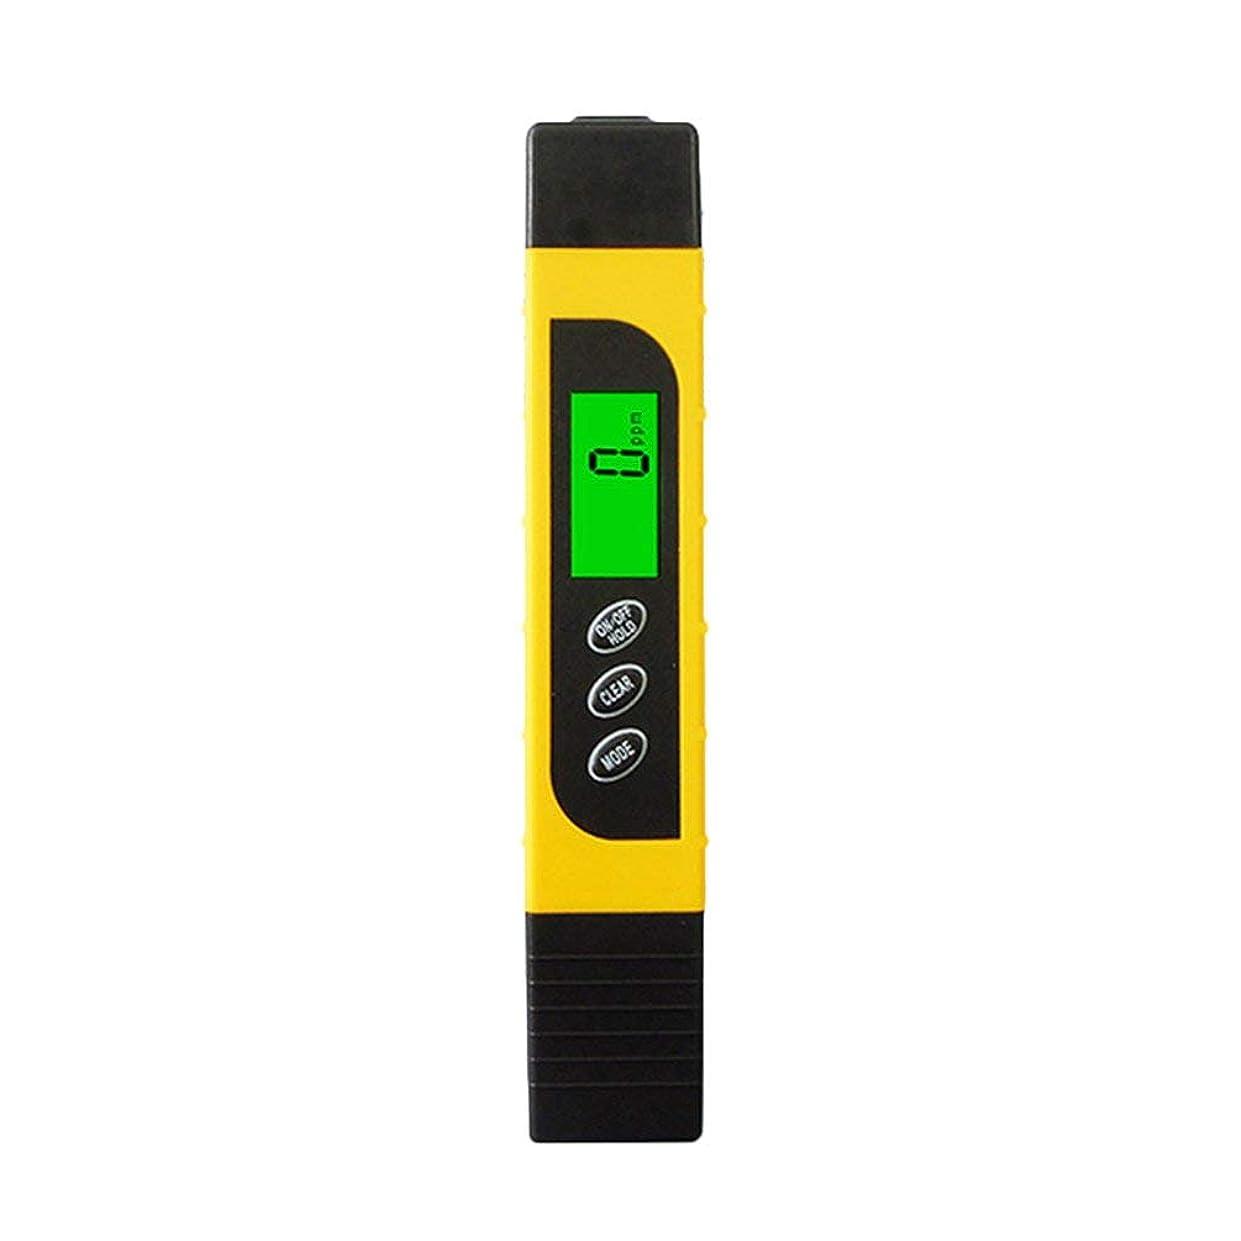 パキスタン側面策定する多機能TDSメーターテスターポータブルデジタルペン0.01高精度フィルター測定水質純度テストツール - 黄色